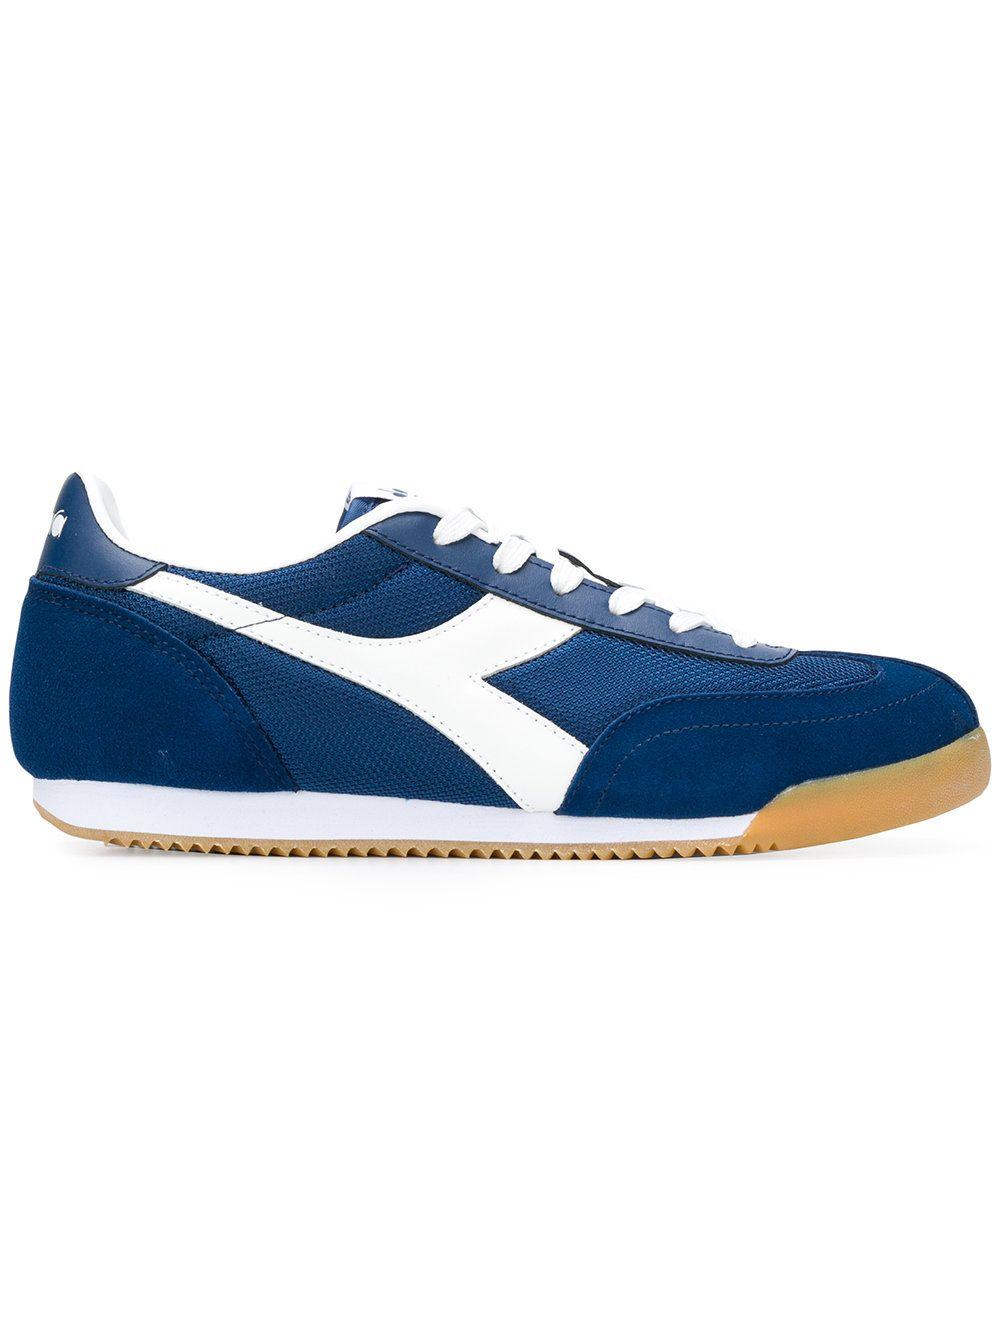 Diadora Birmingham sneakers | Sneakers